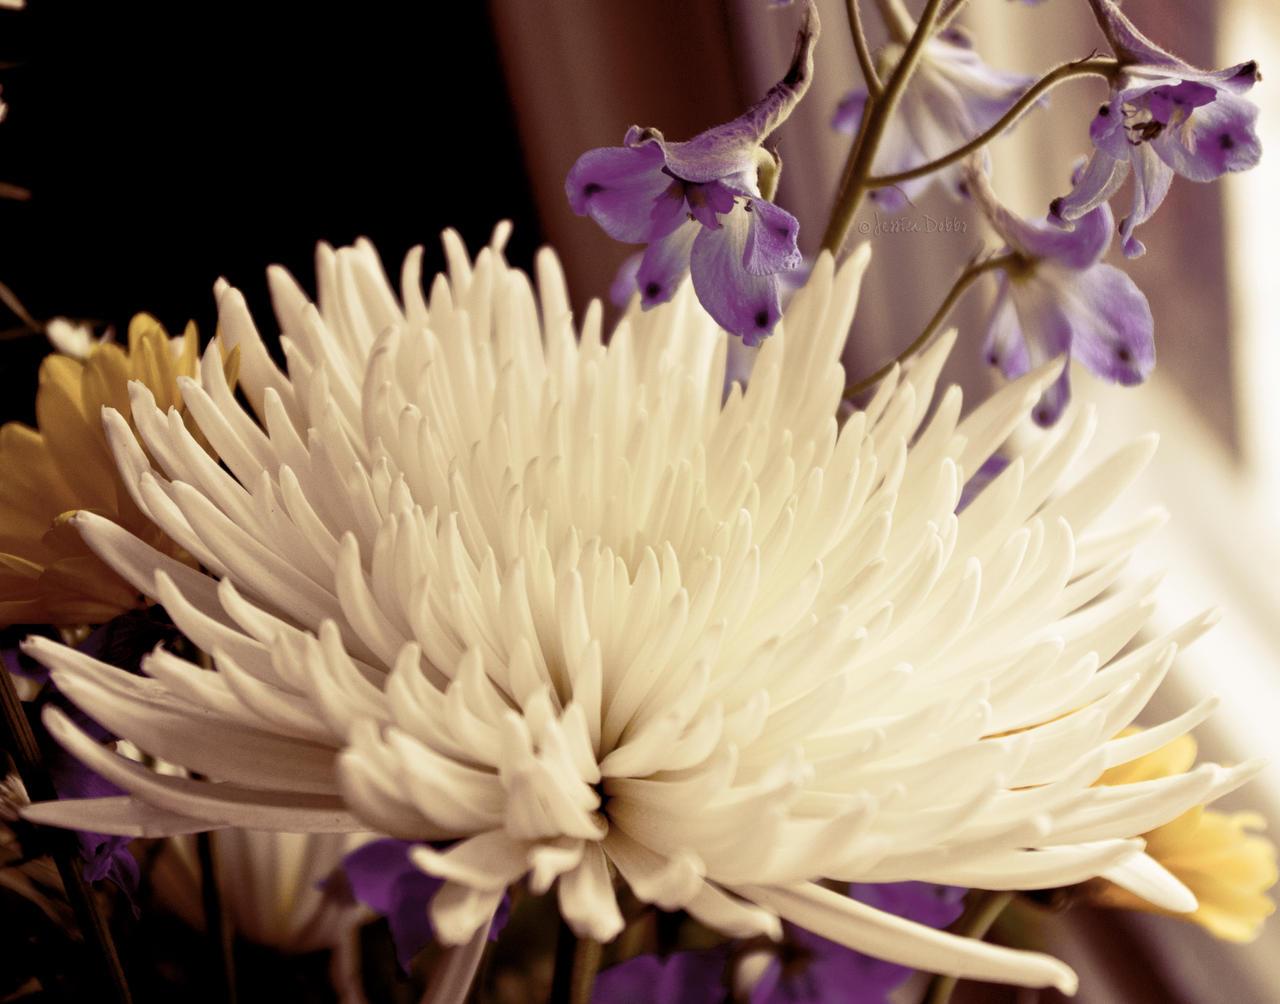 Grandmother's Flowers by JessicaDobbs